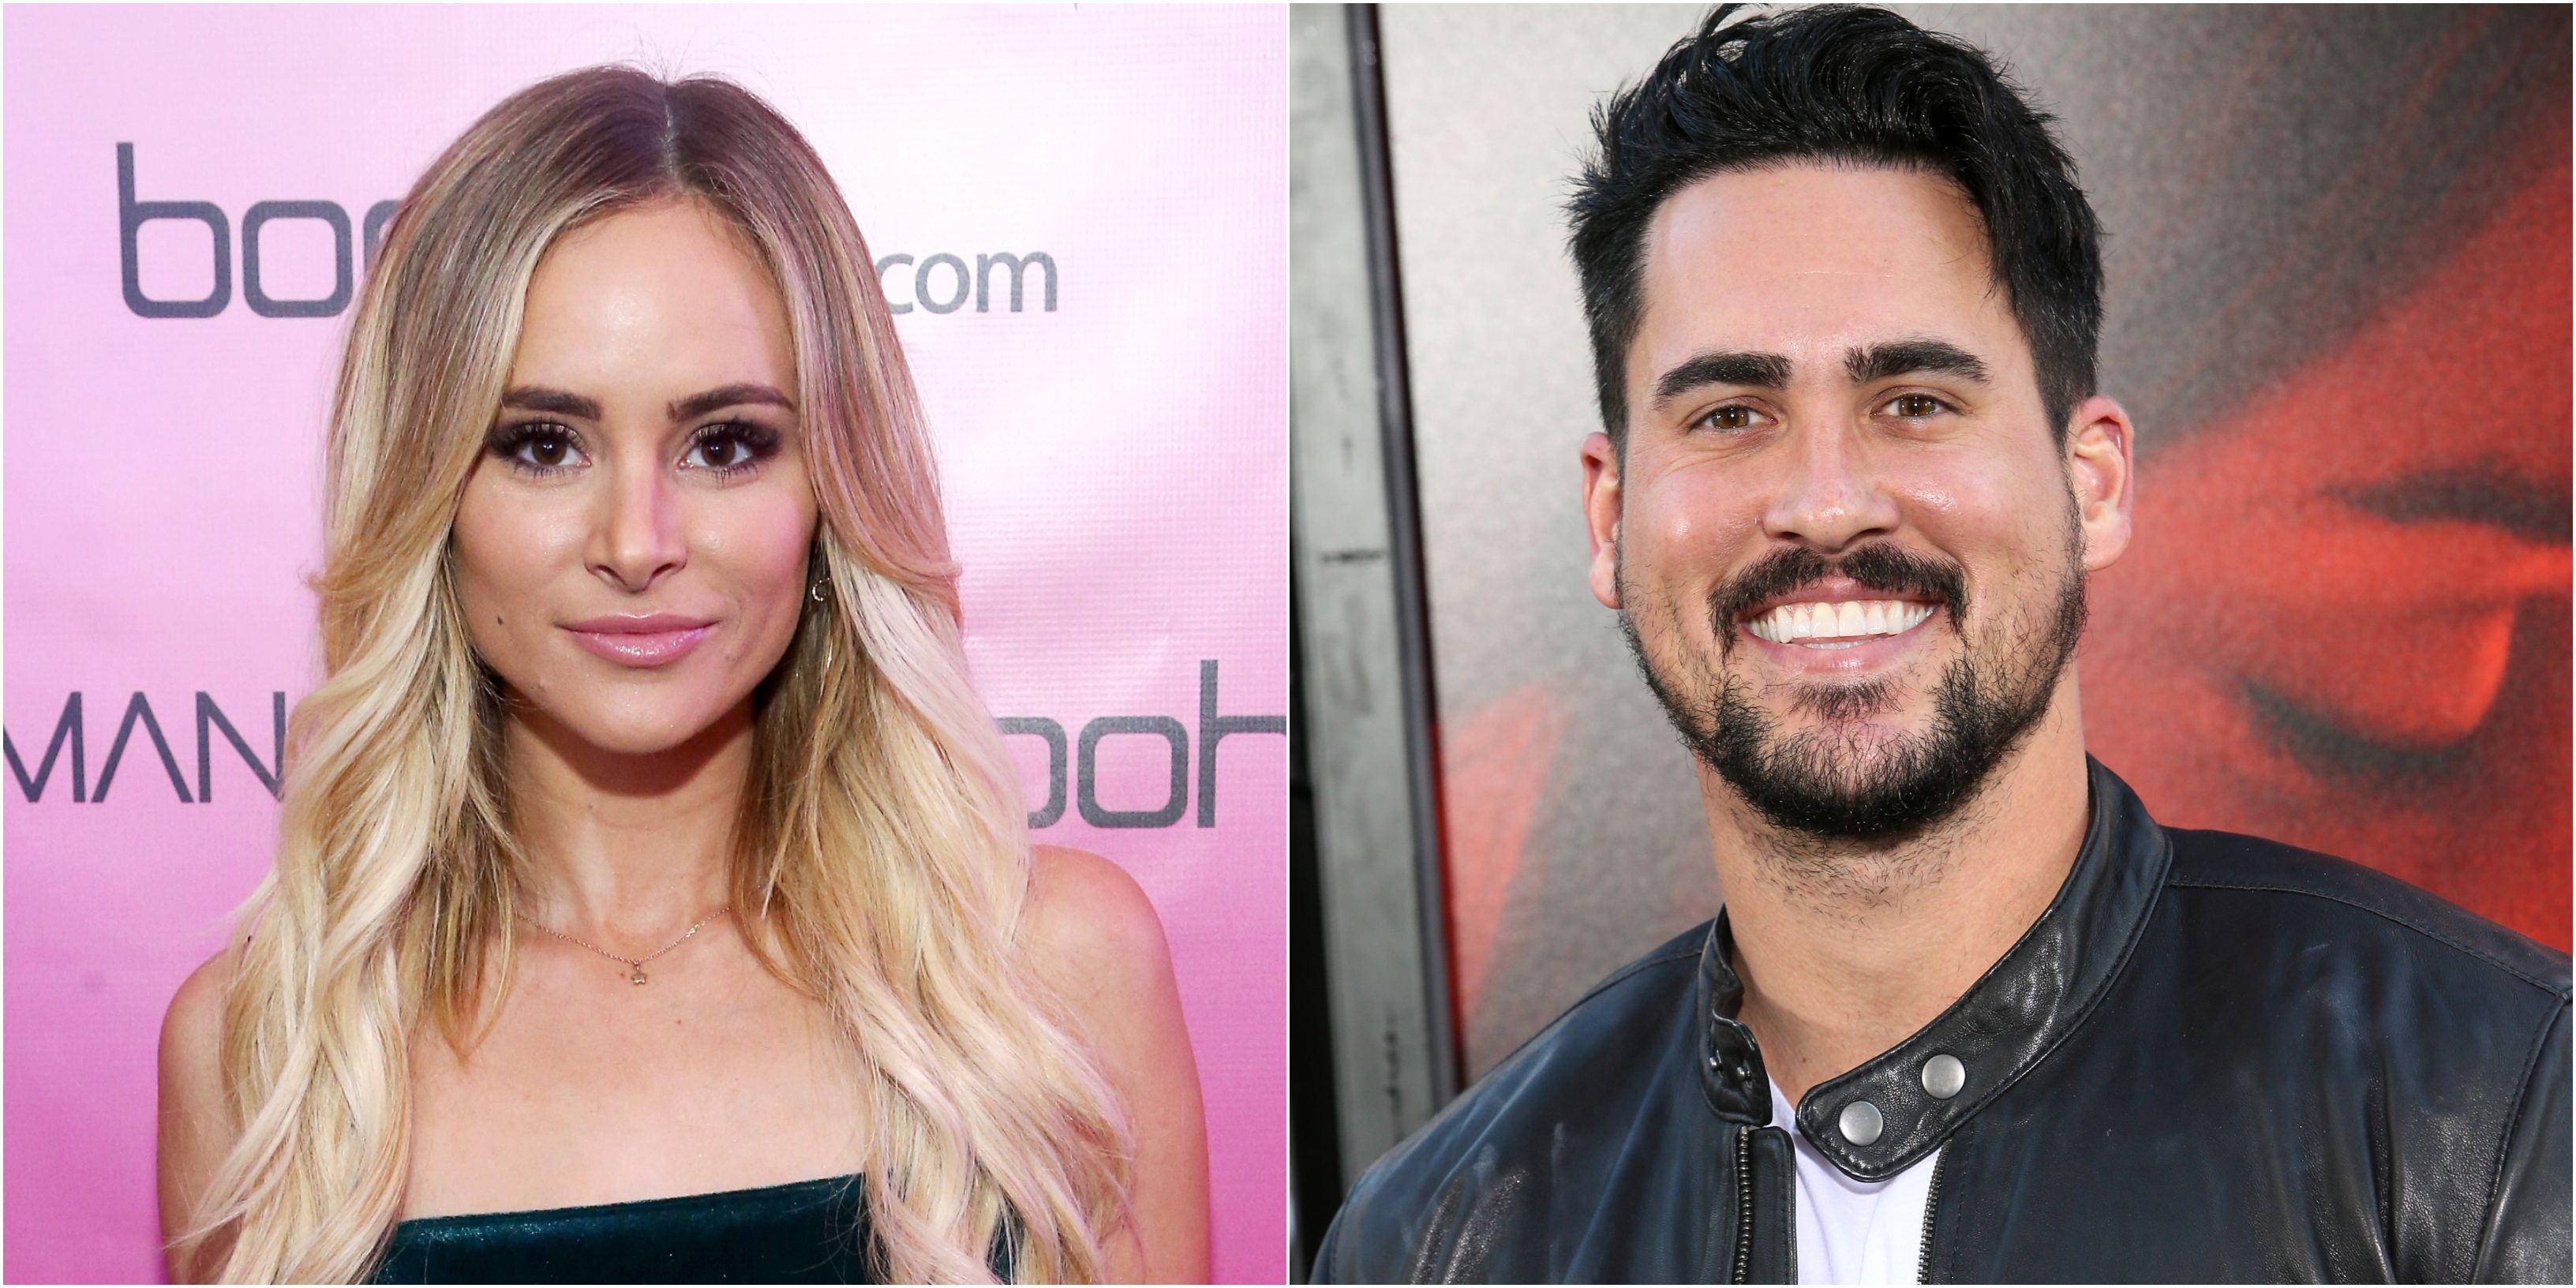 'Bachelor' Alum Amanda Stanton on Why Josh Murray Was Her Hardest Breakup (Exclusive)